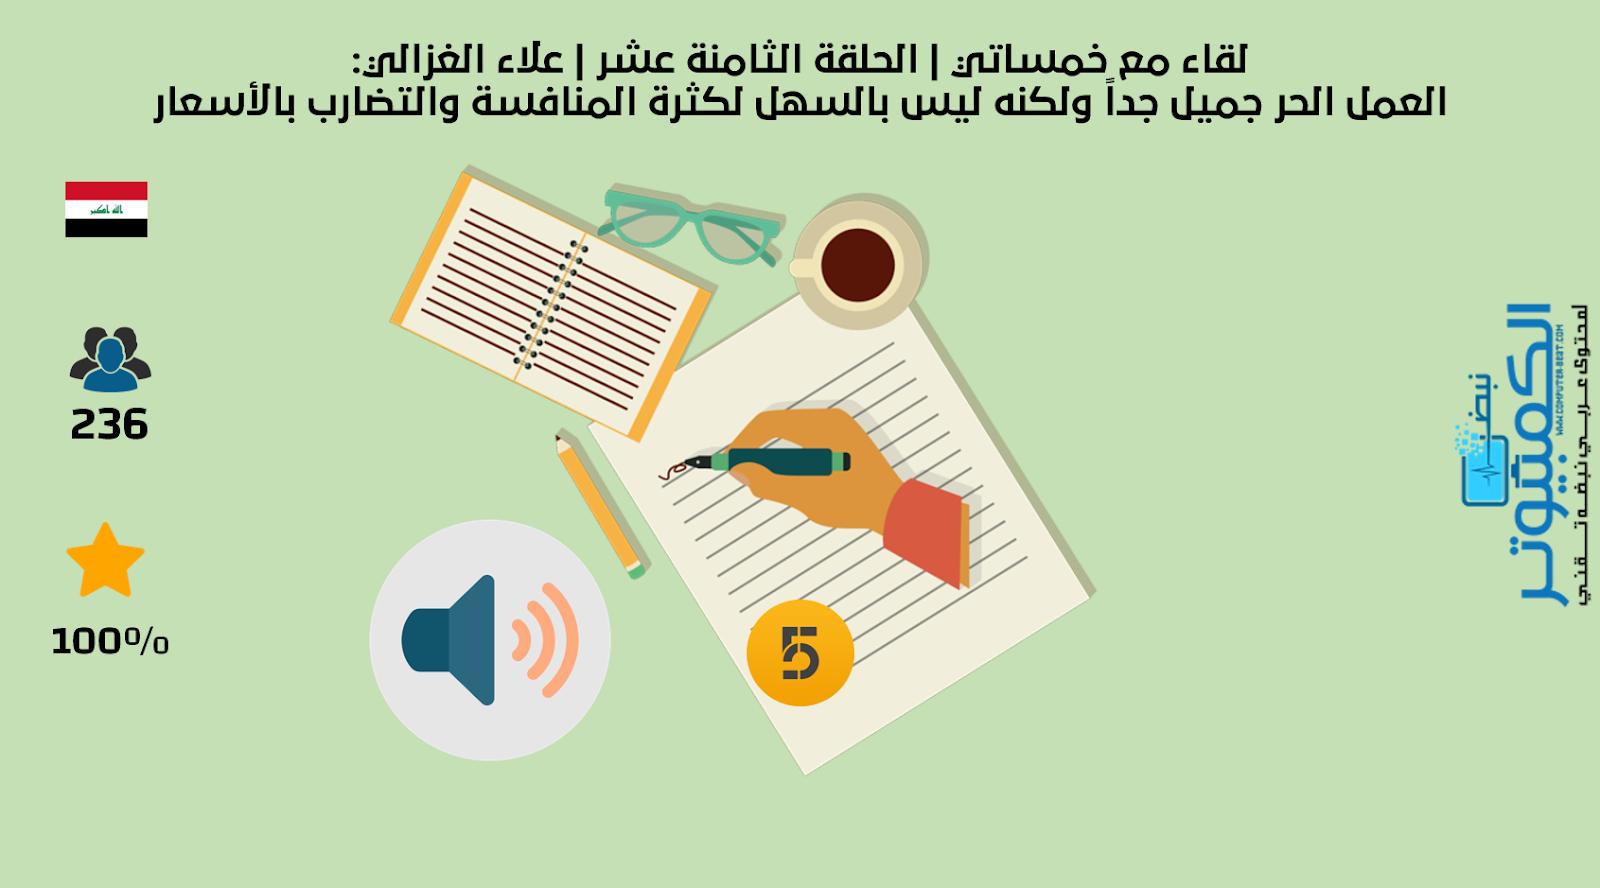 علاء الغزالي: العمل الحر جميل جداً ولكنه ليس بالسهل لكثرة المنافسة والتضارب بالأسعار